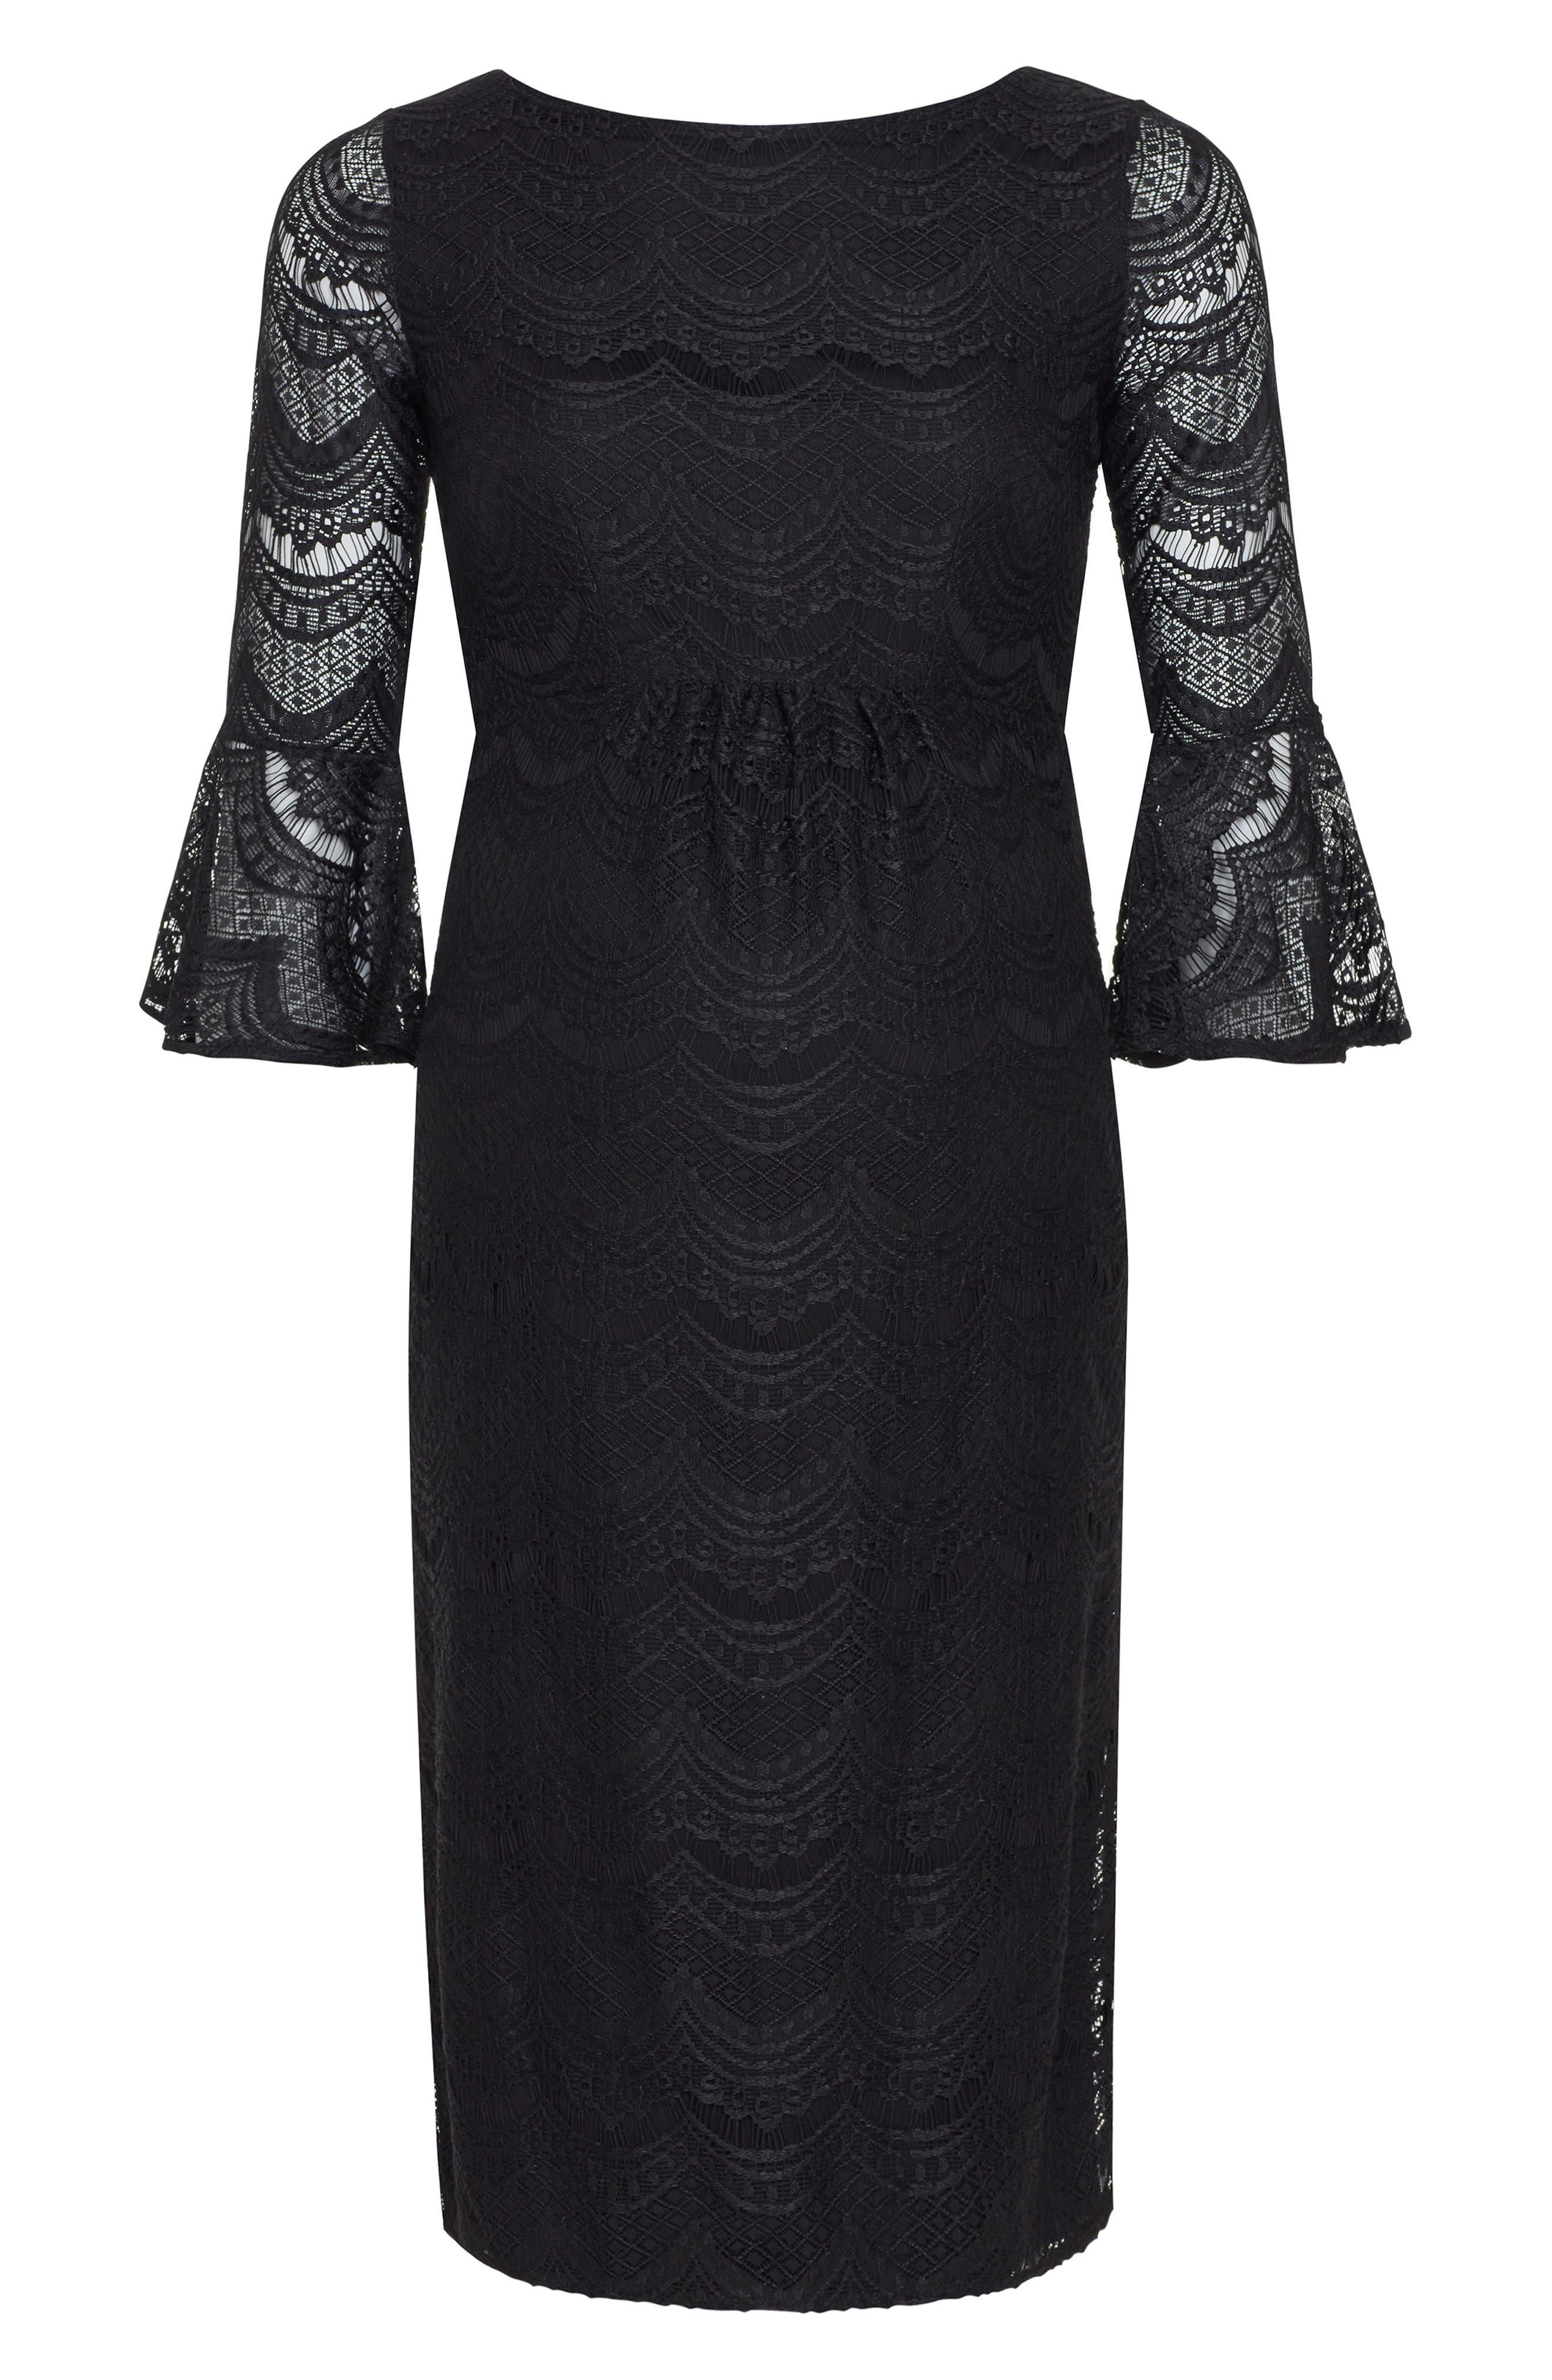 TIFFANY ROSE,                             Jane Lace Maternity Dress,                             Alternate thumbnail 4, color,                             BLACK